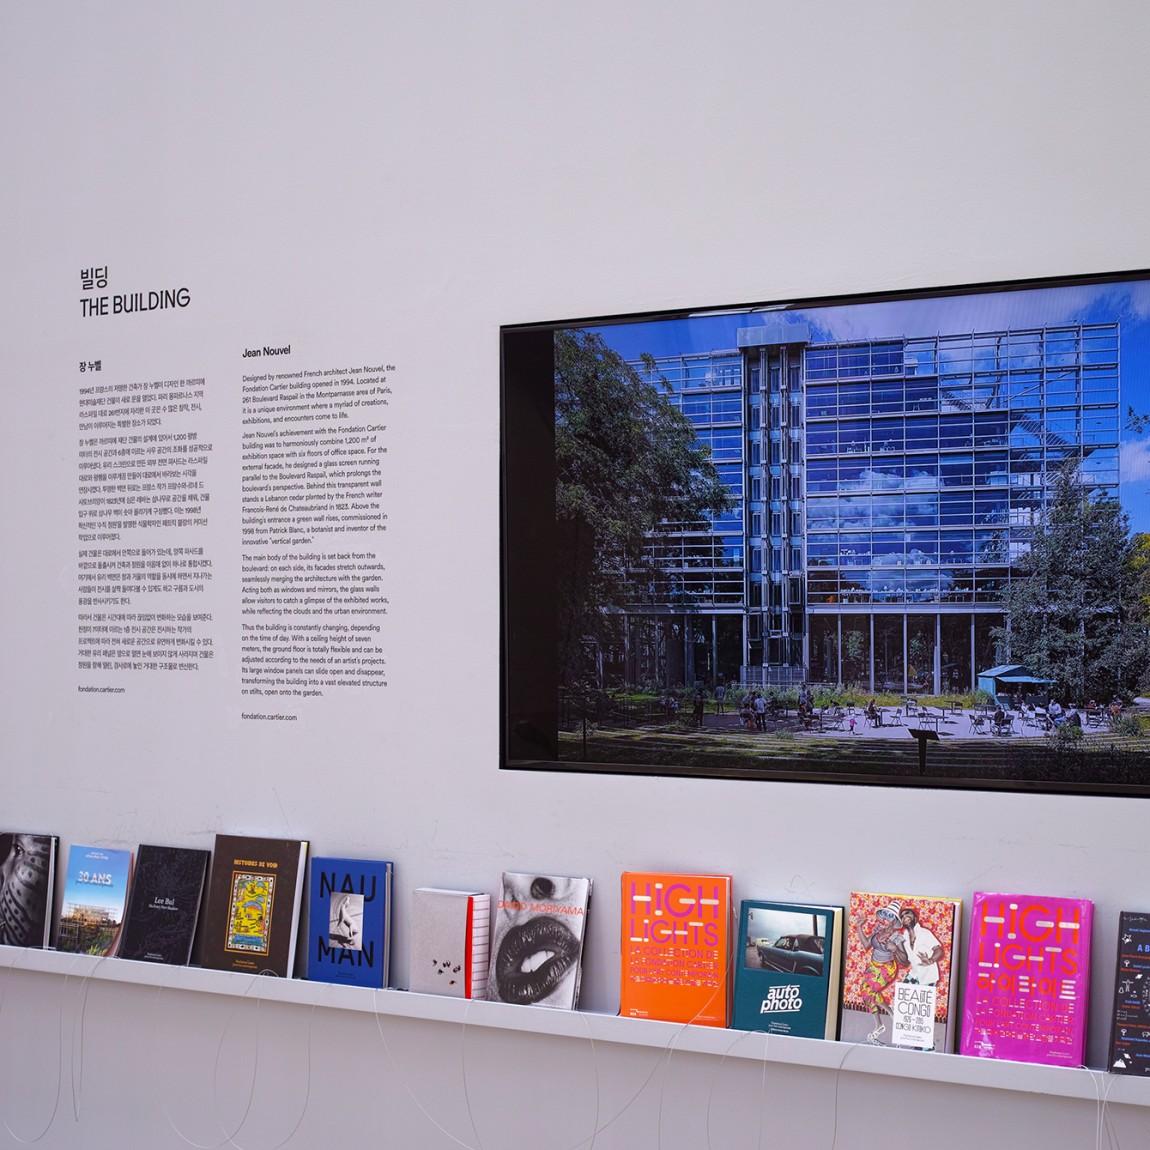 法国当代艺术博物馆作品展(Highlights)品牌创意整体形象设计,陈列设计